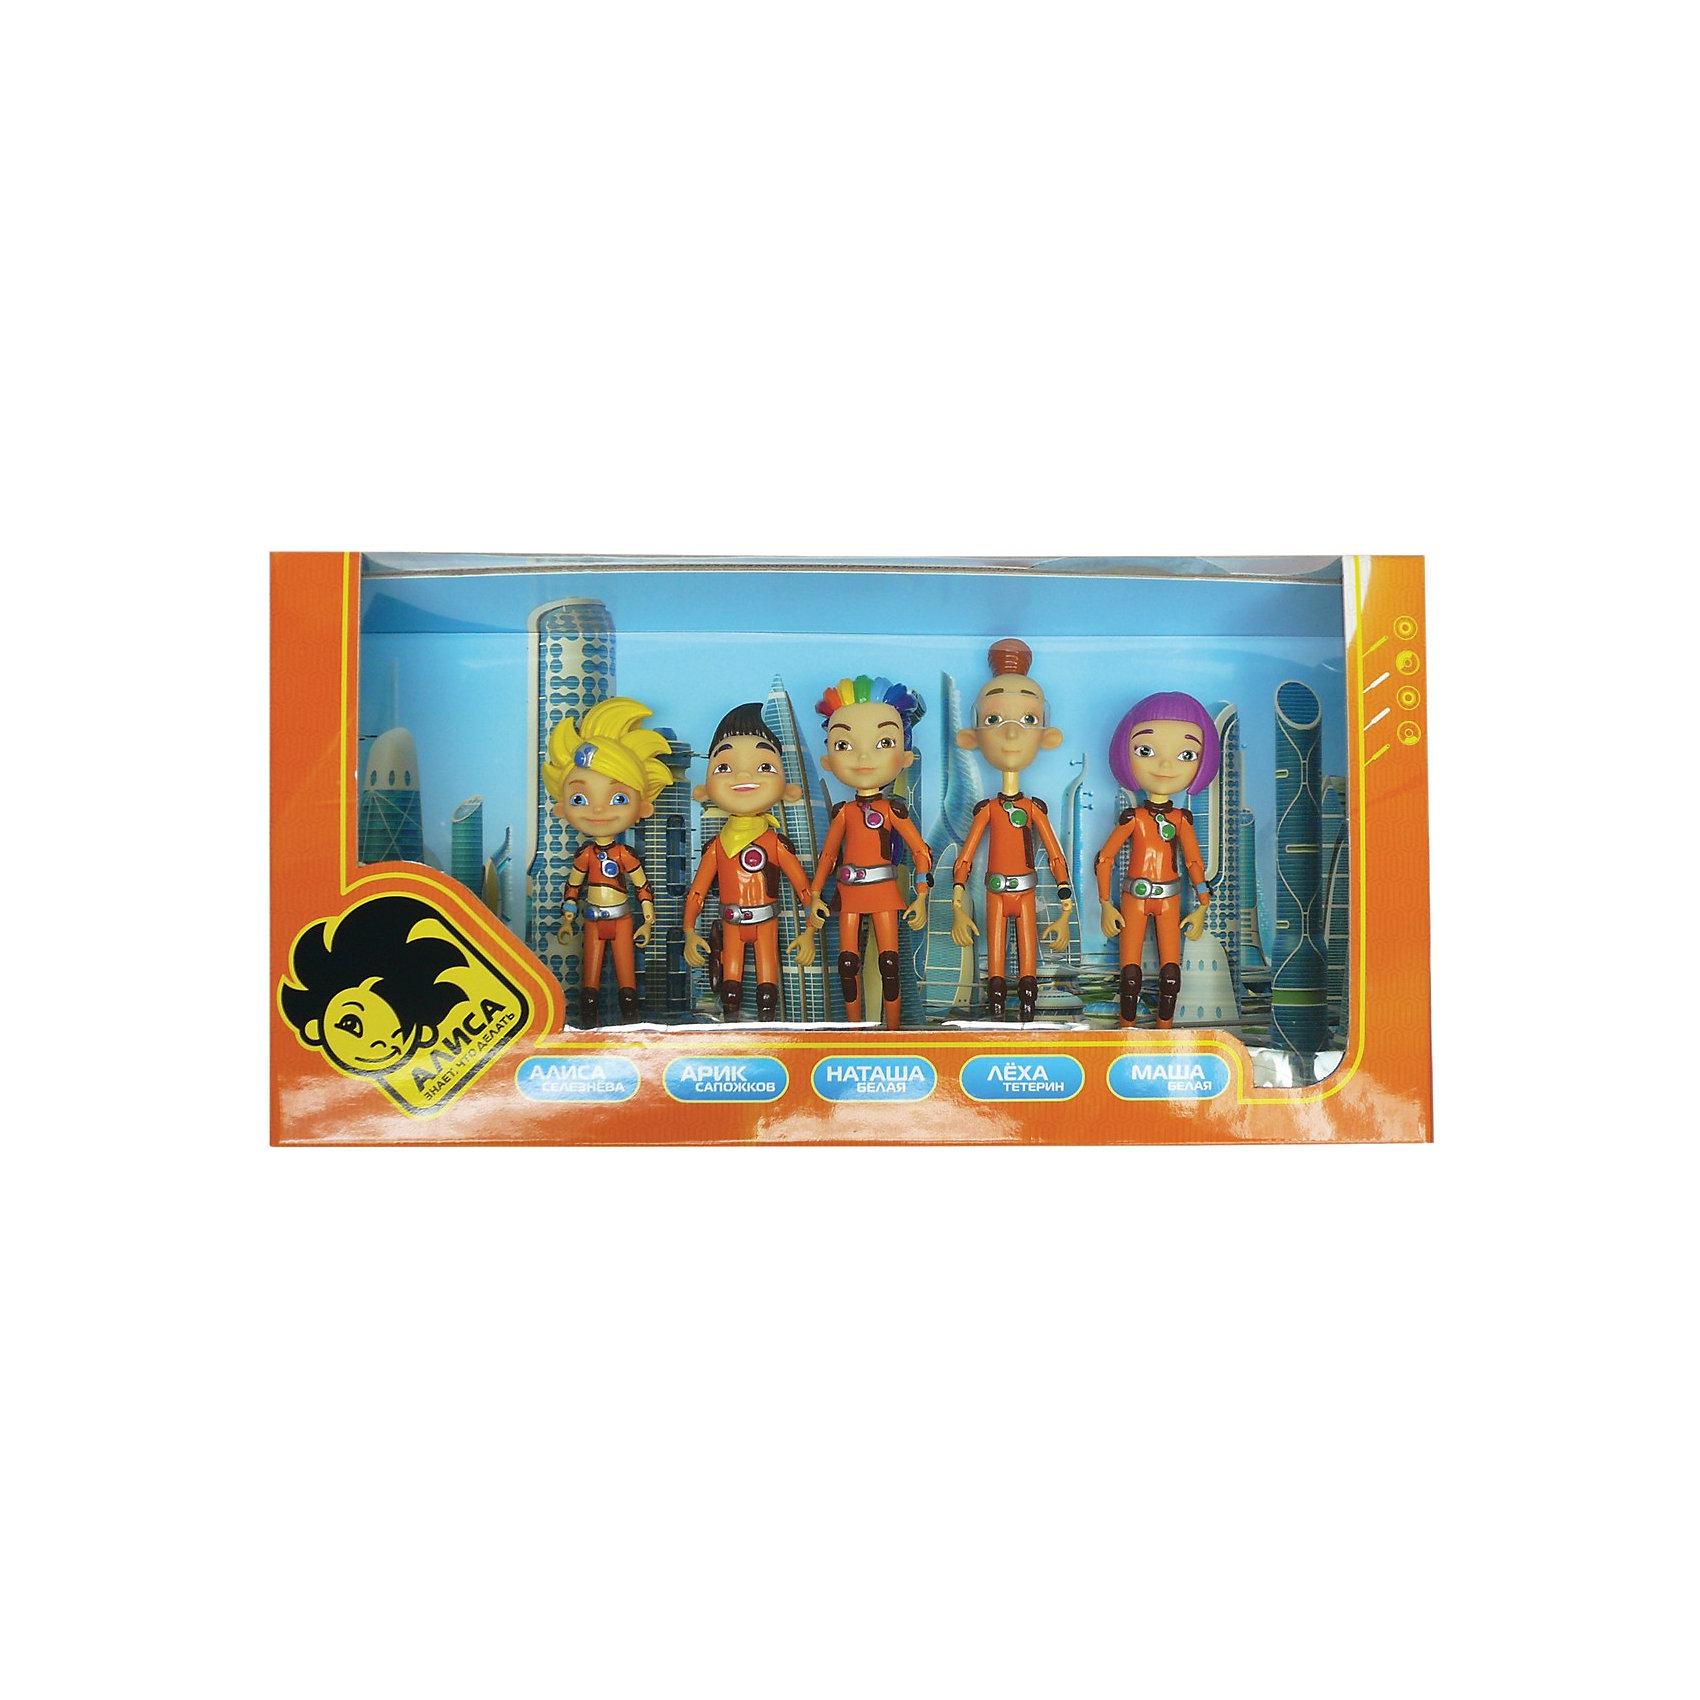 - Набор из 5 фигурок (Алиса, Арик, Лёха, Наташа, Маша), 18 см, Алиса знает, что делать купить больное платье в стиле 18 19 века наташа ростова